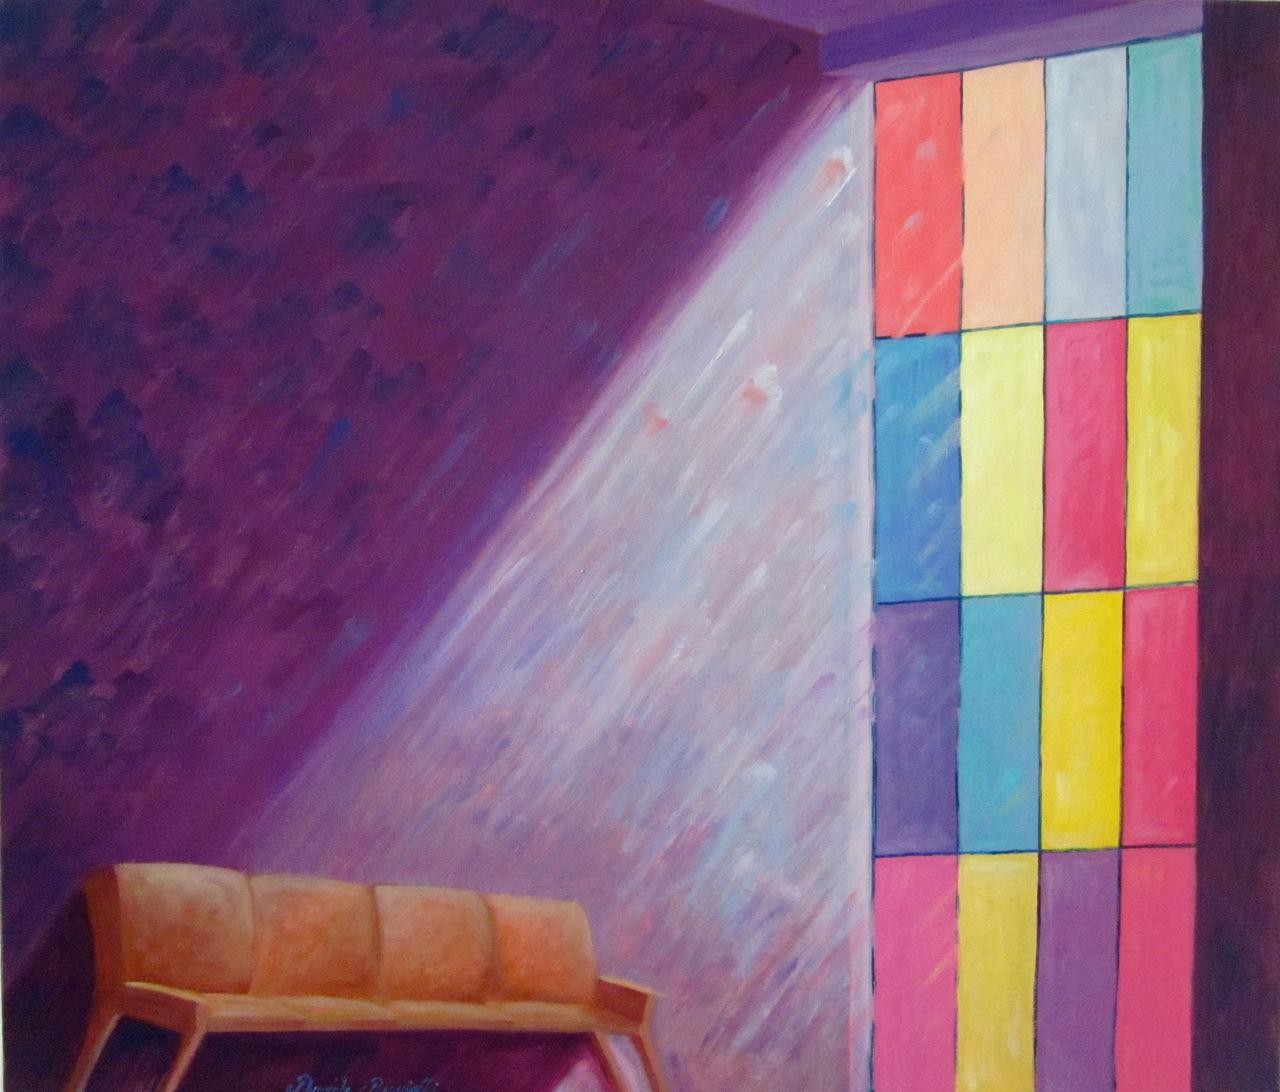 Bild malerei architektur interieur licht von biagiotti for Interieur licht